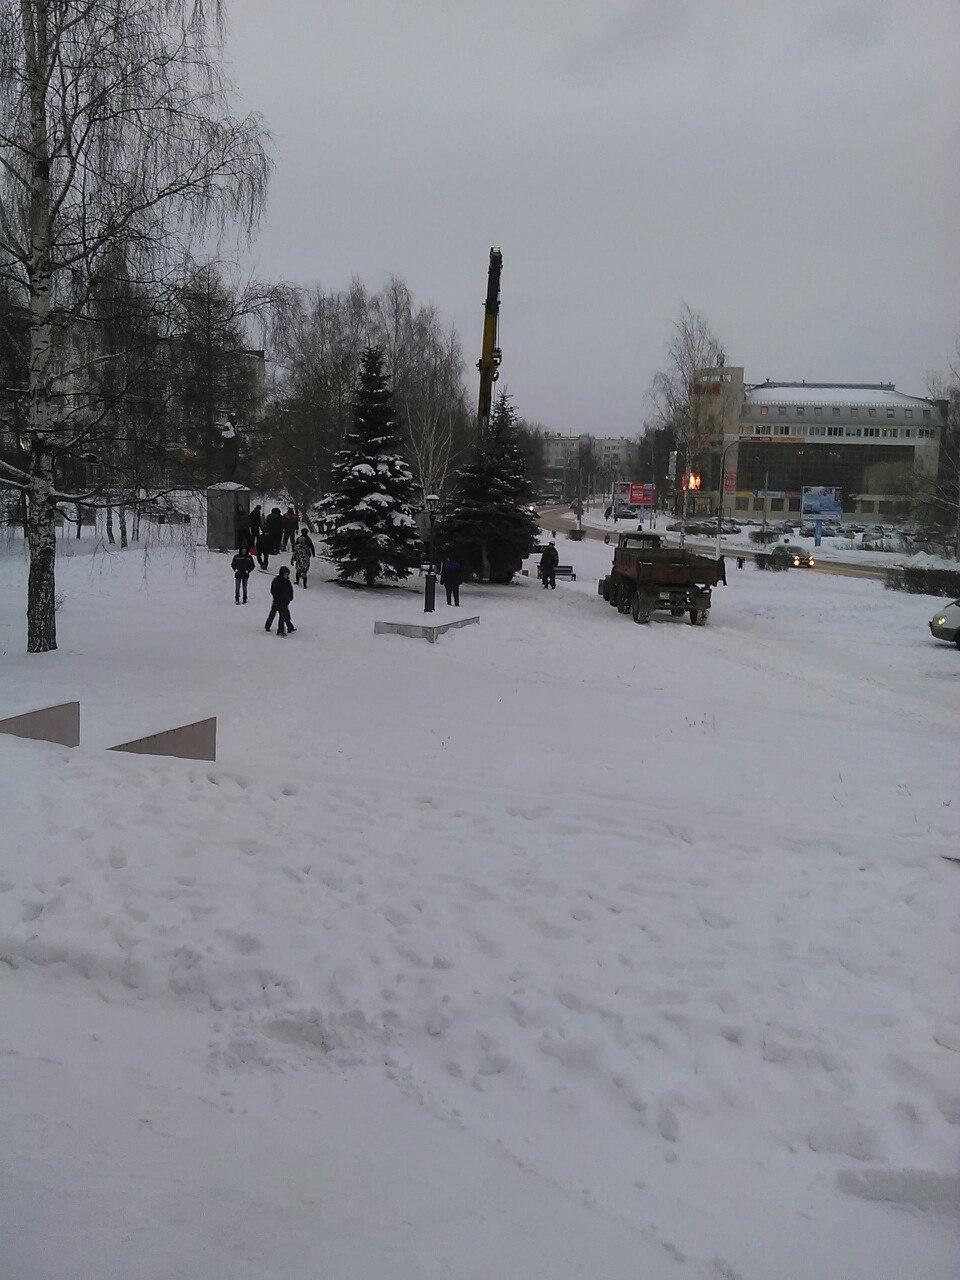 памятник П.и. Чайковскому, сруб елей, Чайковский, 2017 год